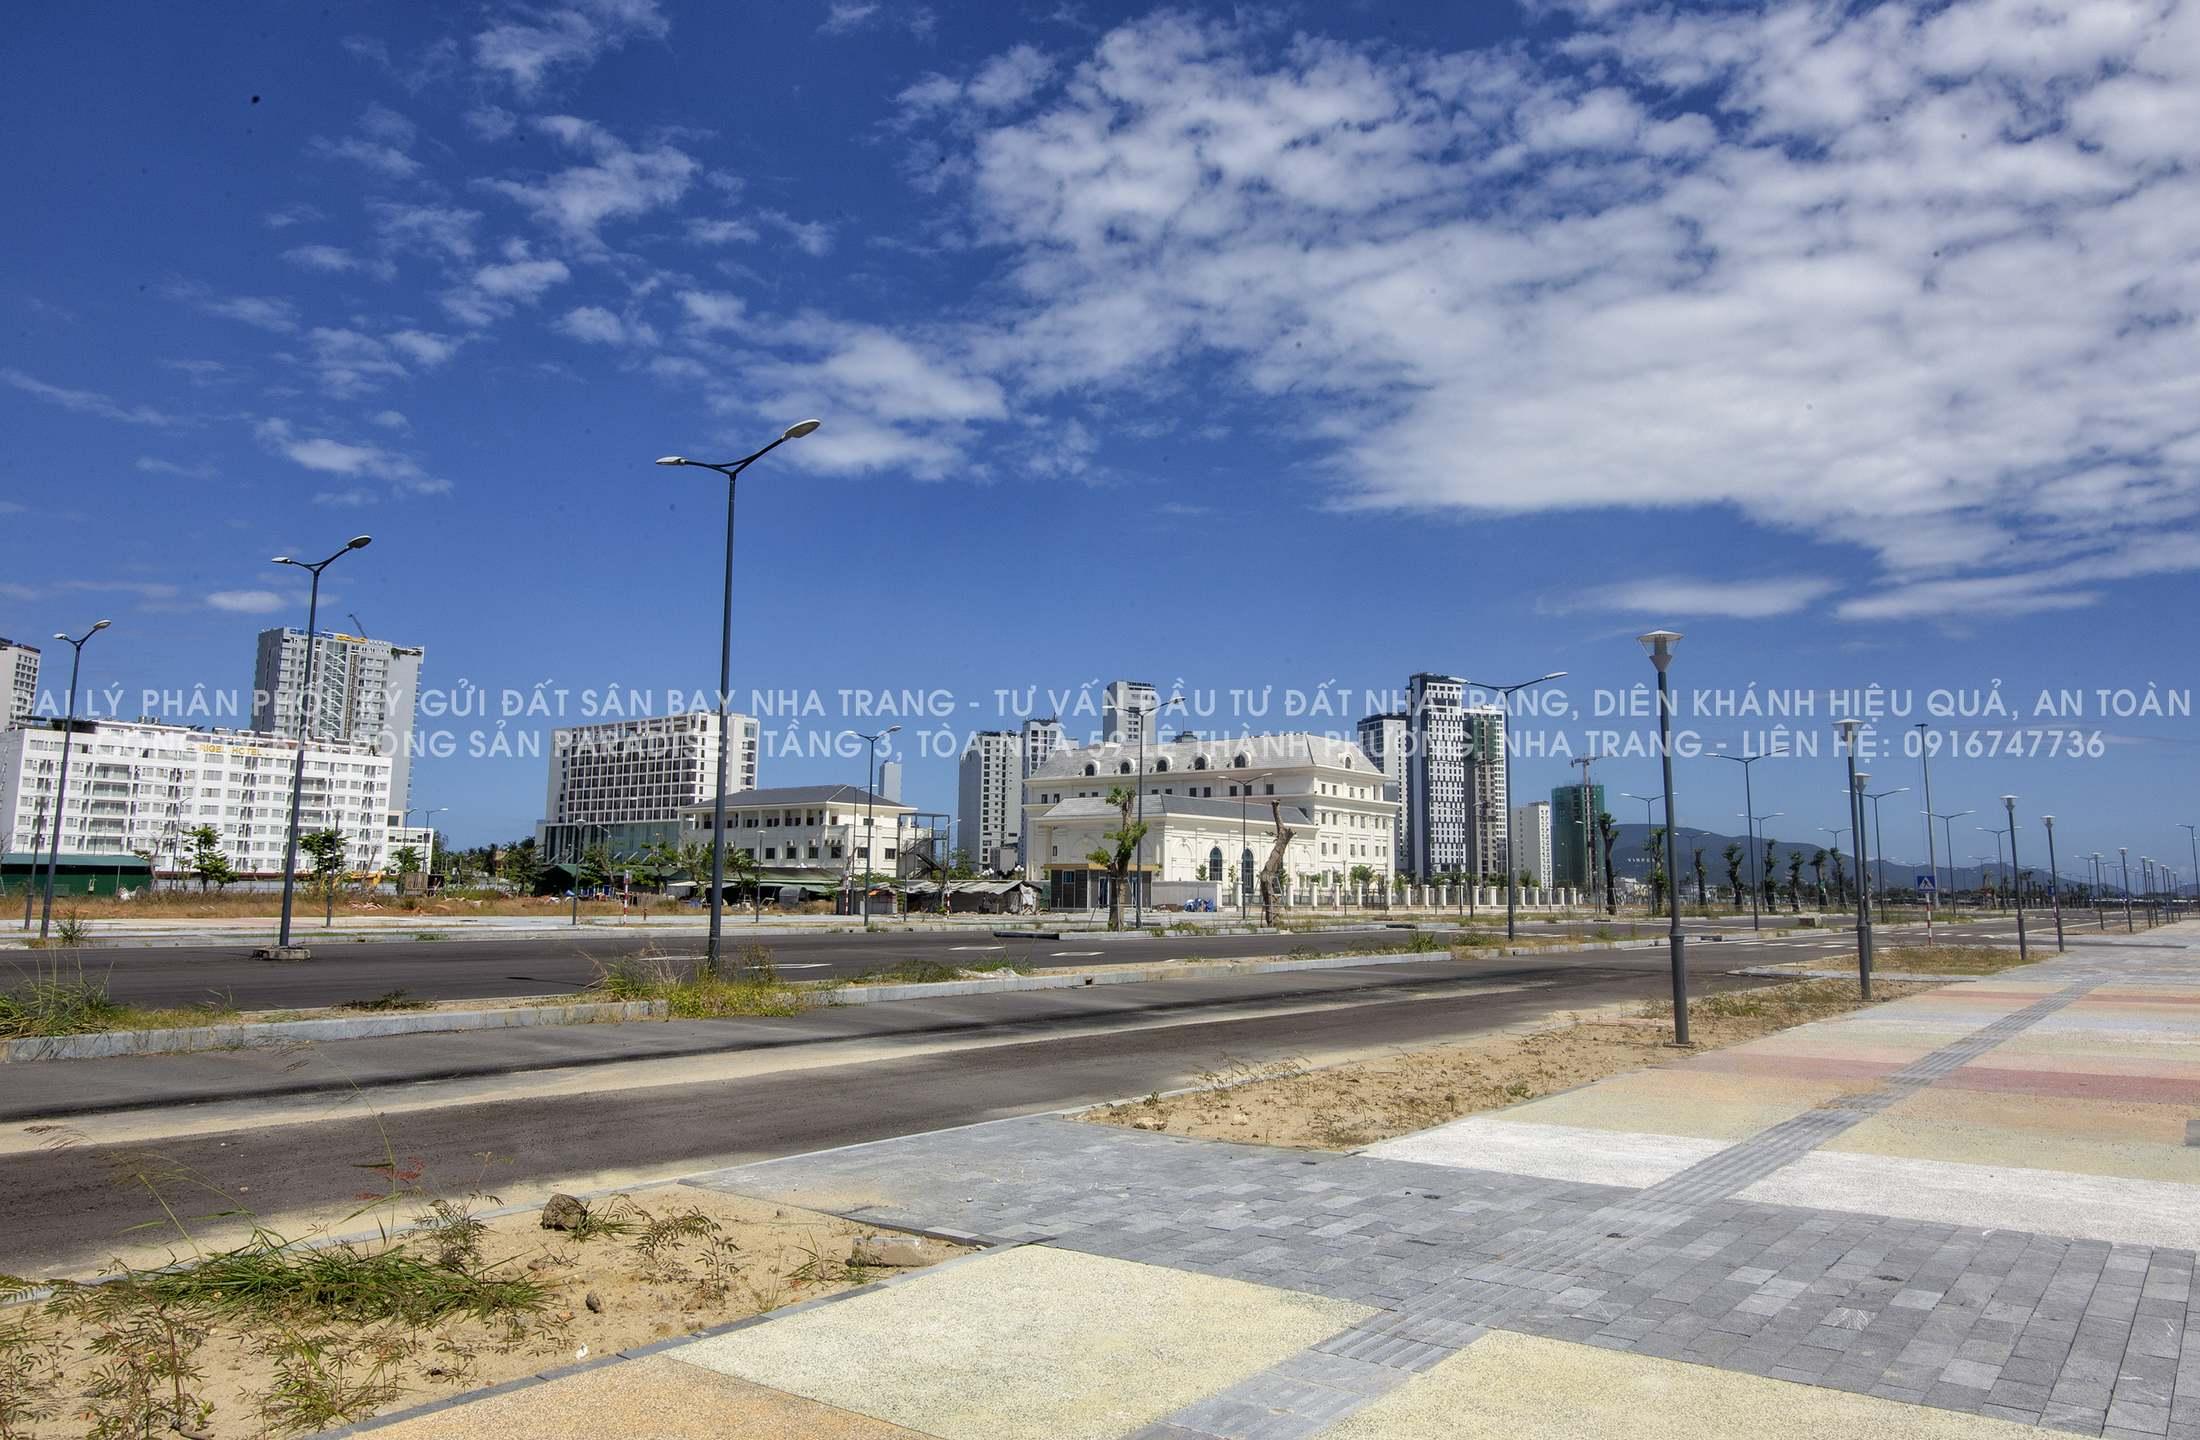 Hình ảnh dự án sân bay Nha Trang 2019 Lịch bàn giao đất sân bay Nha Trang